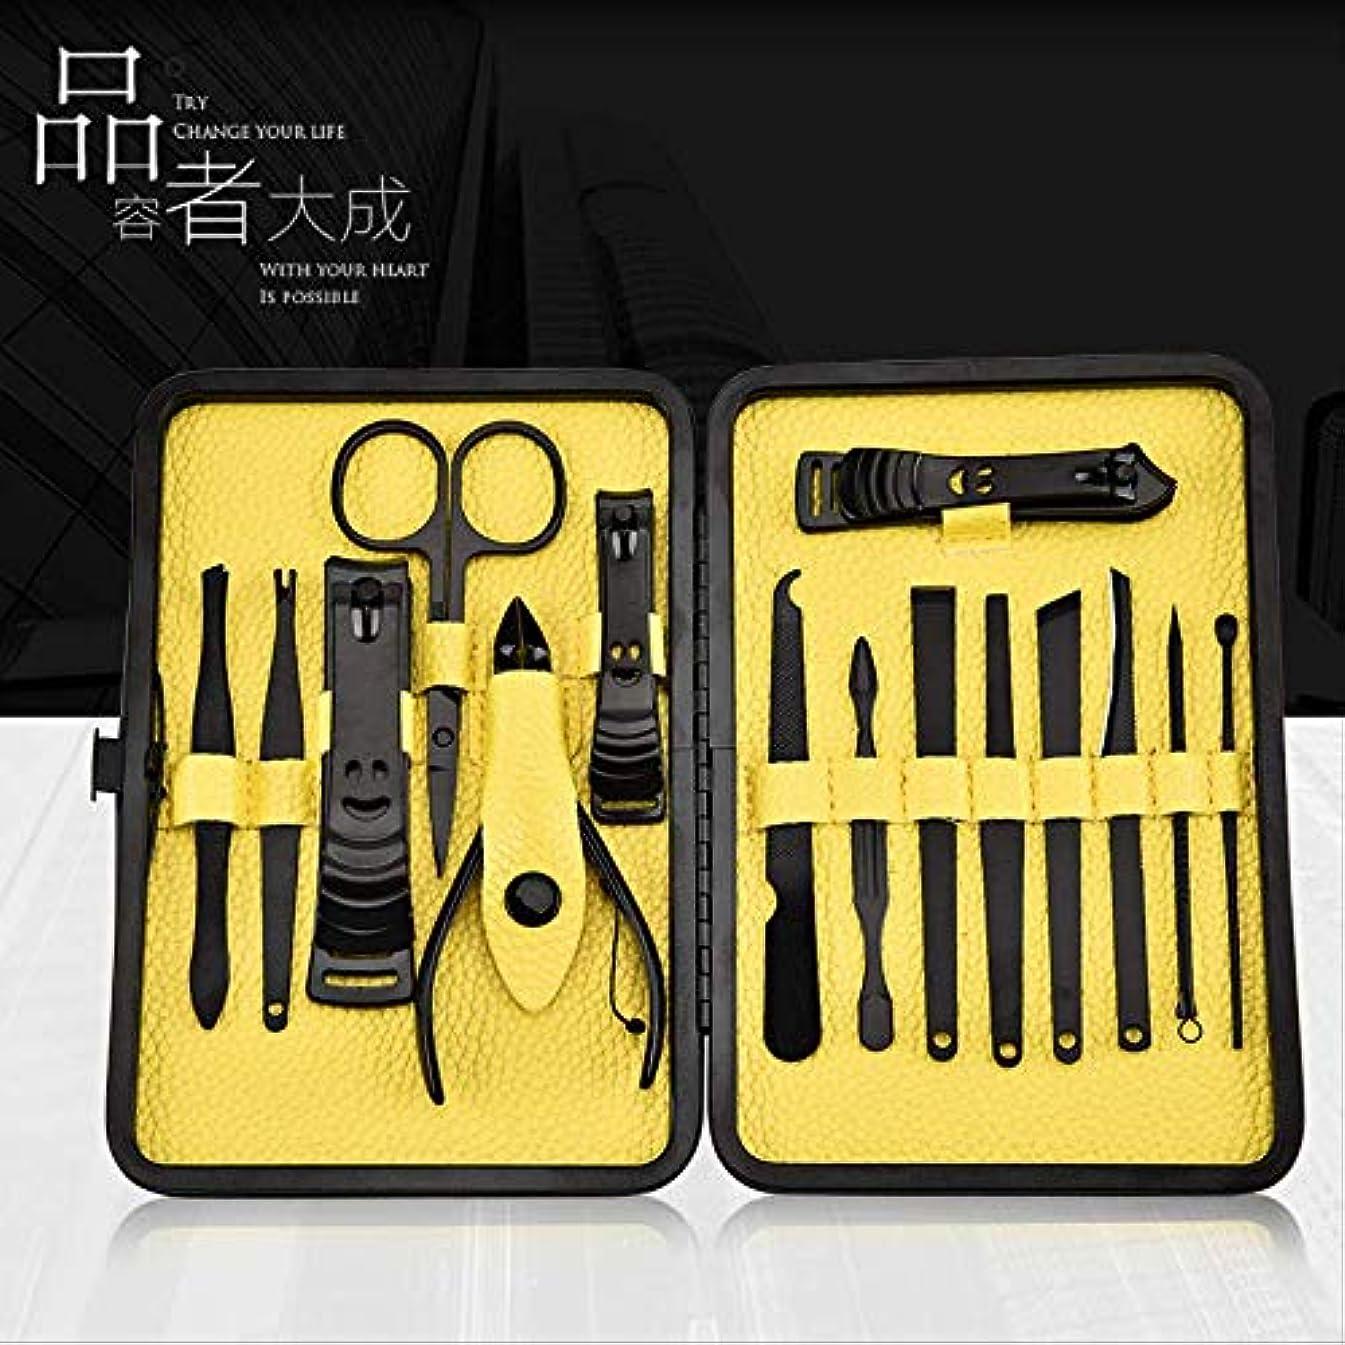 クリエイティブ予想外サイレンマニキュアケアネイルツールセット18個セット爪切り爪切りセット 15個のスマイリーセット